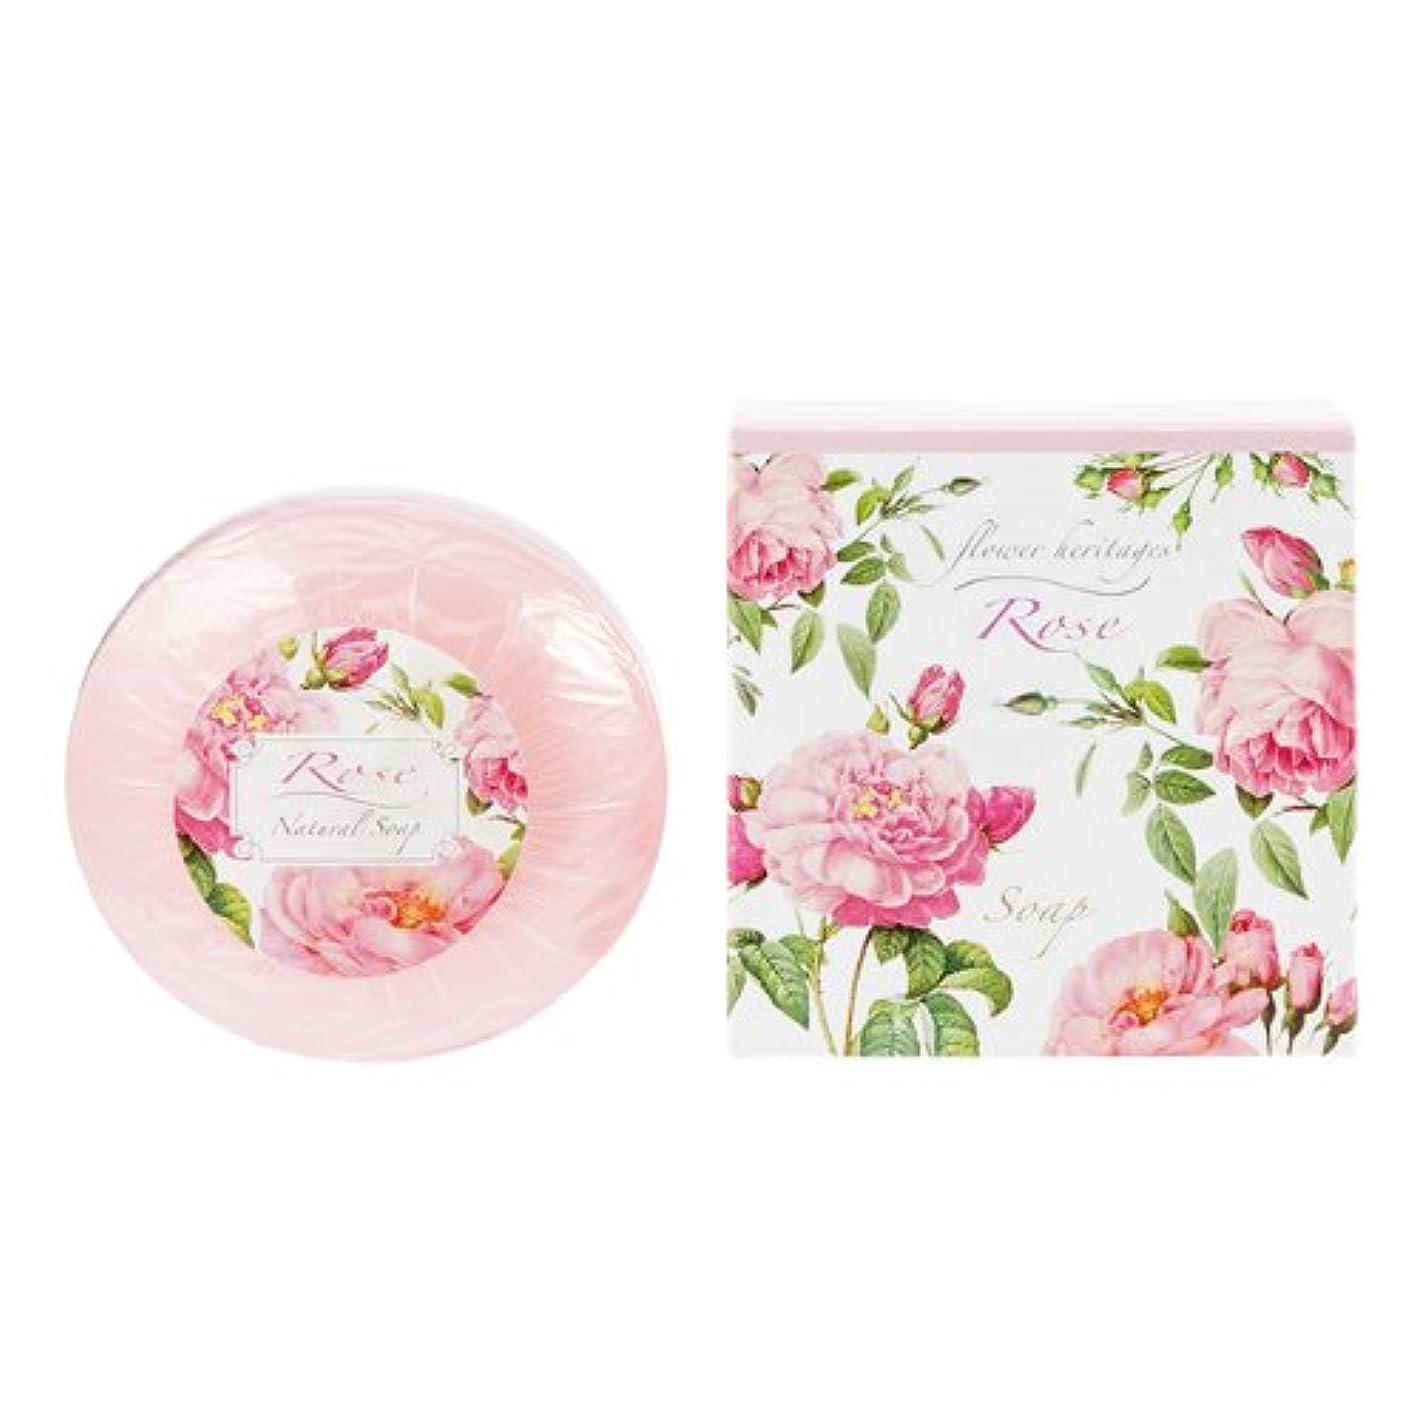 パスポートサイト扱いやすいネイチャータッチ (Nature Touch) Flower Heritage ソープ120g/ローズ